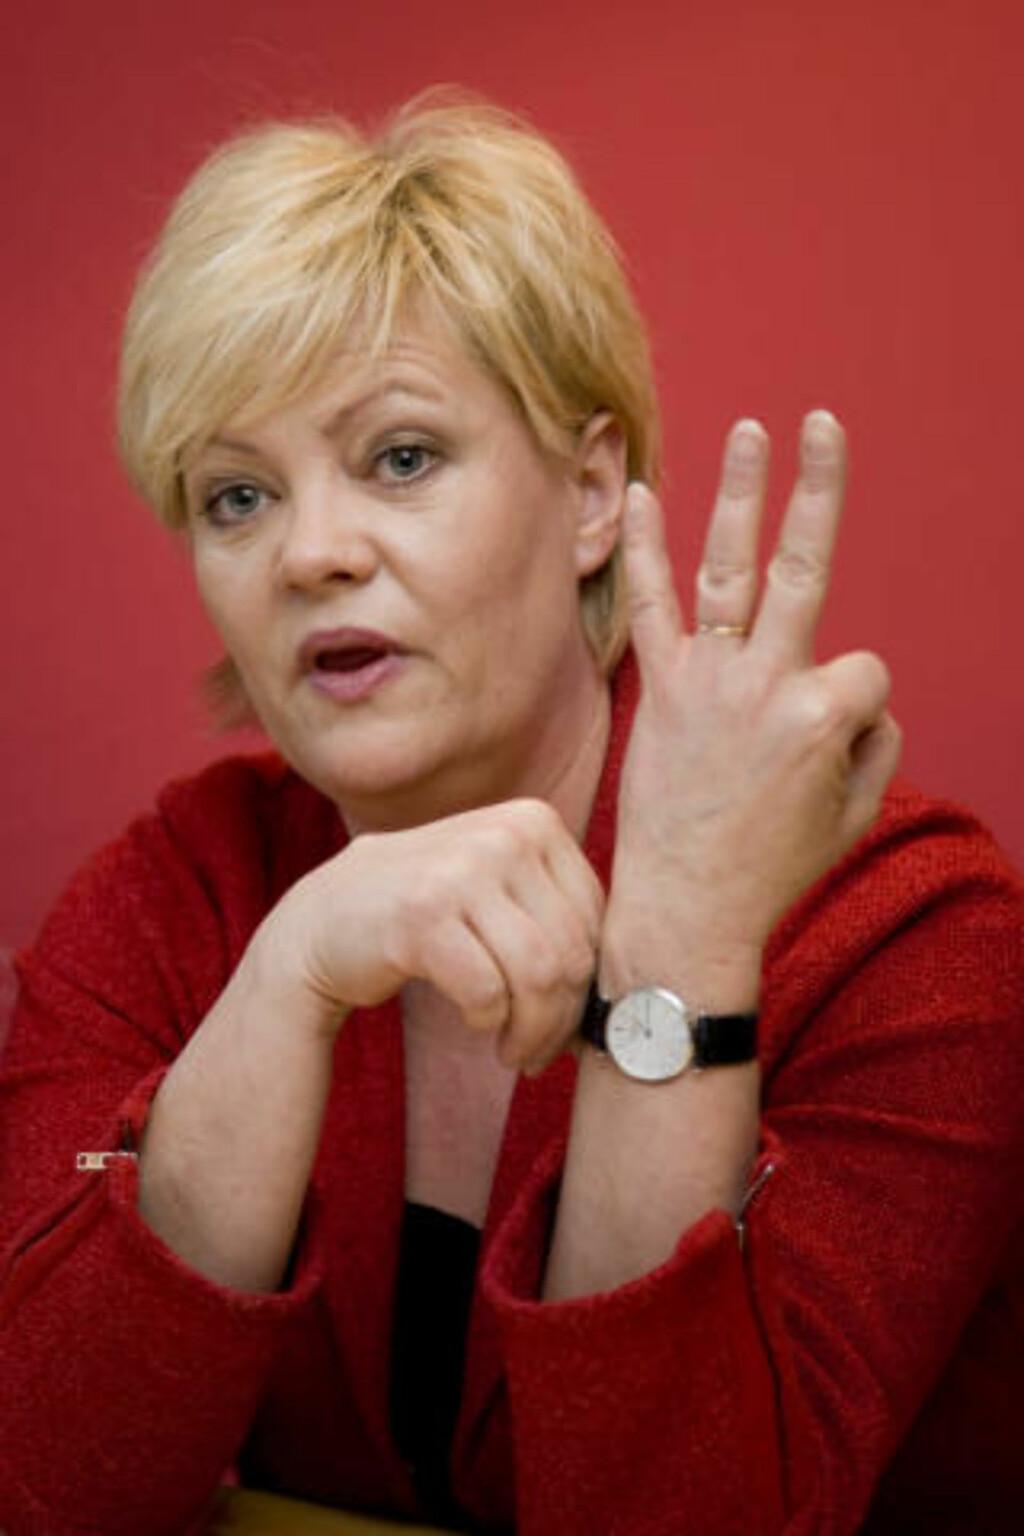 IKKE ENIG: Finansminister og SV-leder Kristin Halvorsen. Foto: SCANPIX.